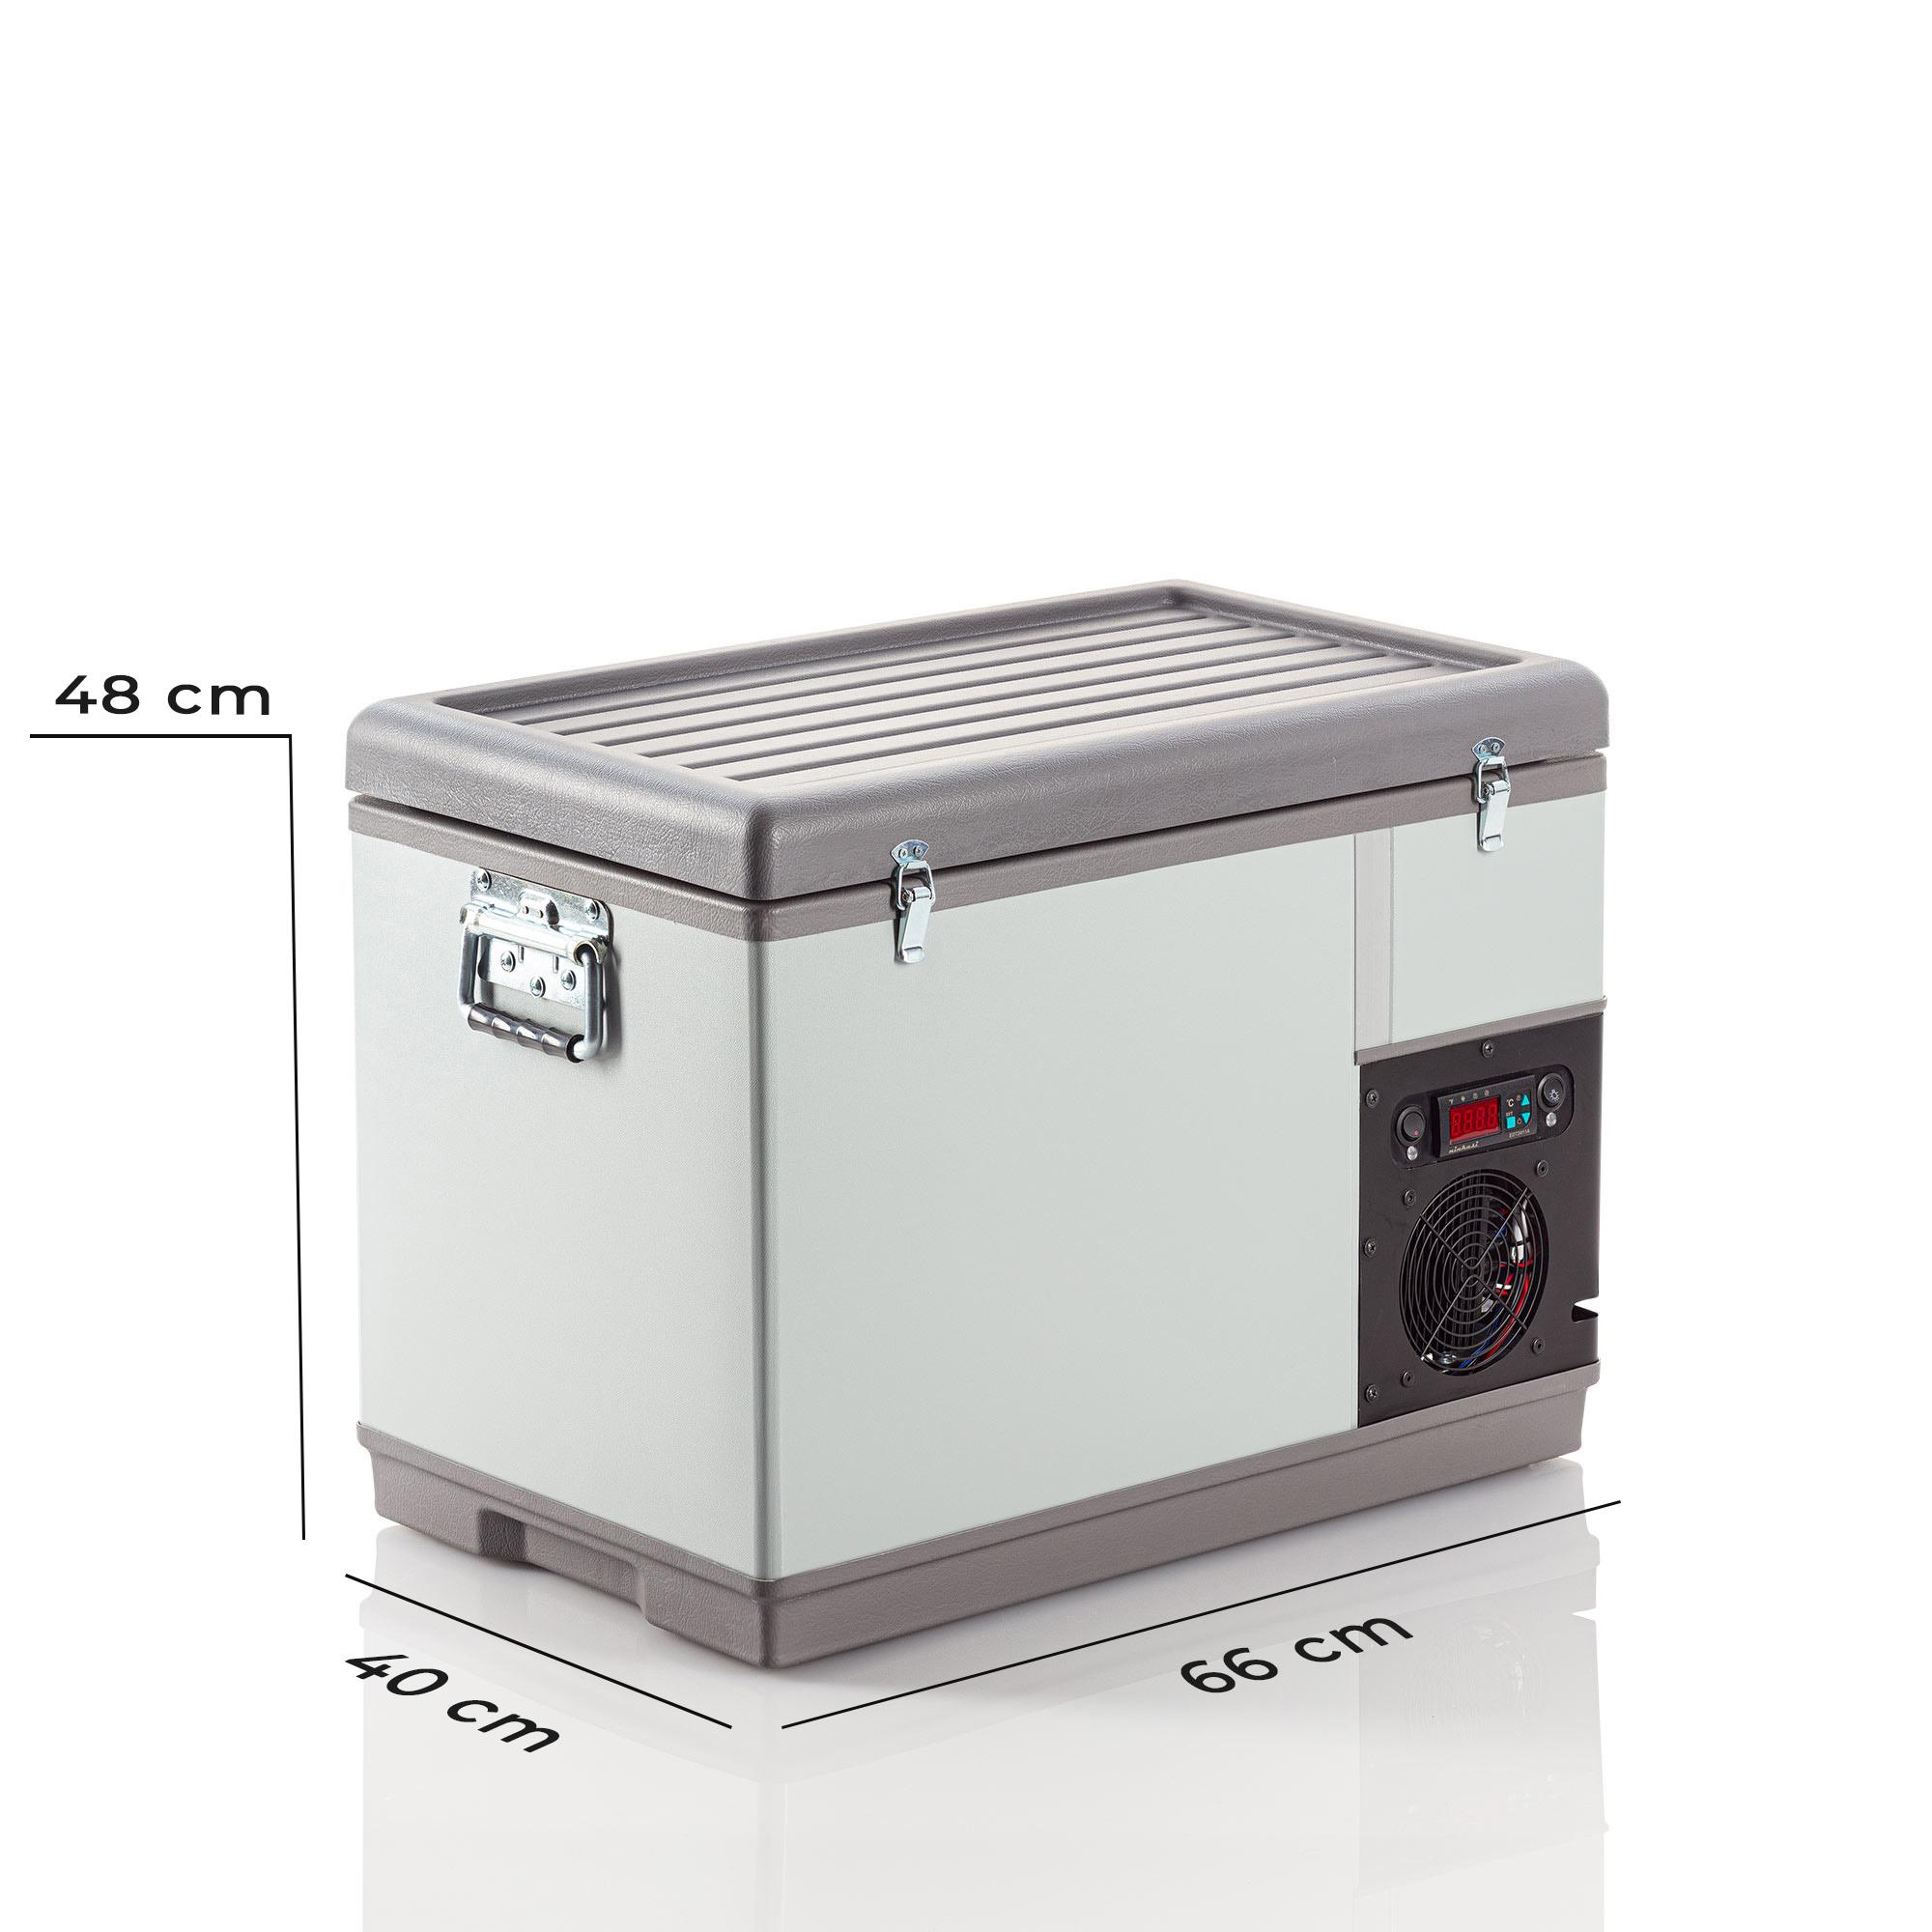 MEC 3846 COMBI 38 LT Soğutucu Araç Buzdolabı